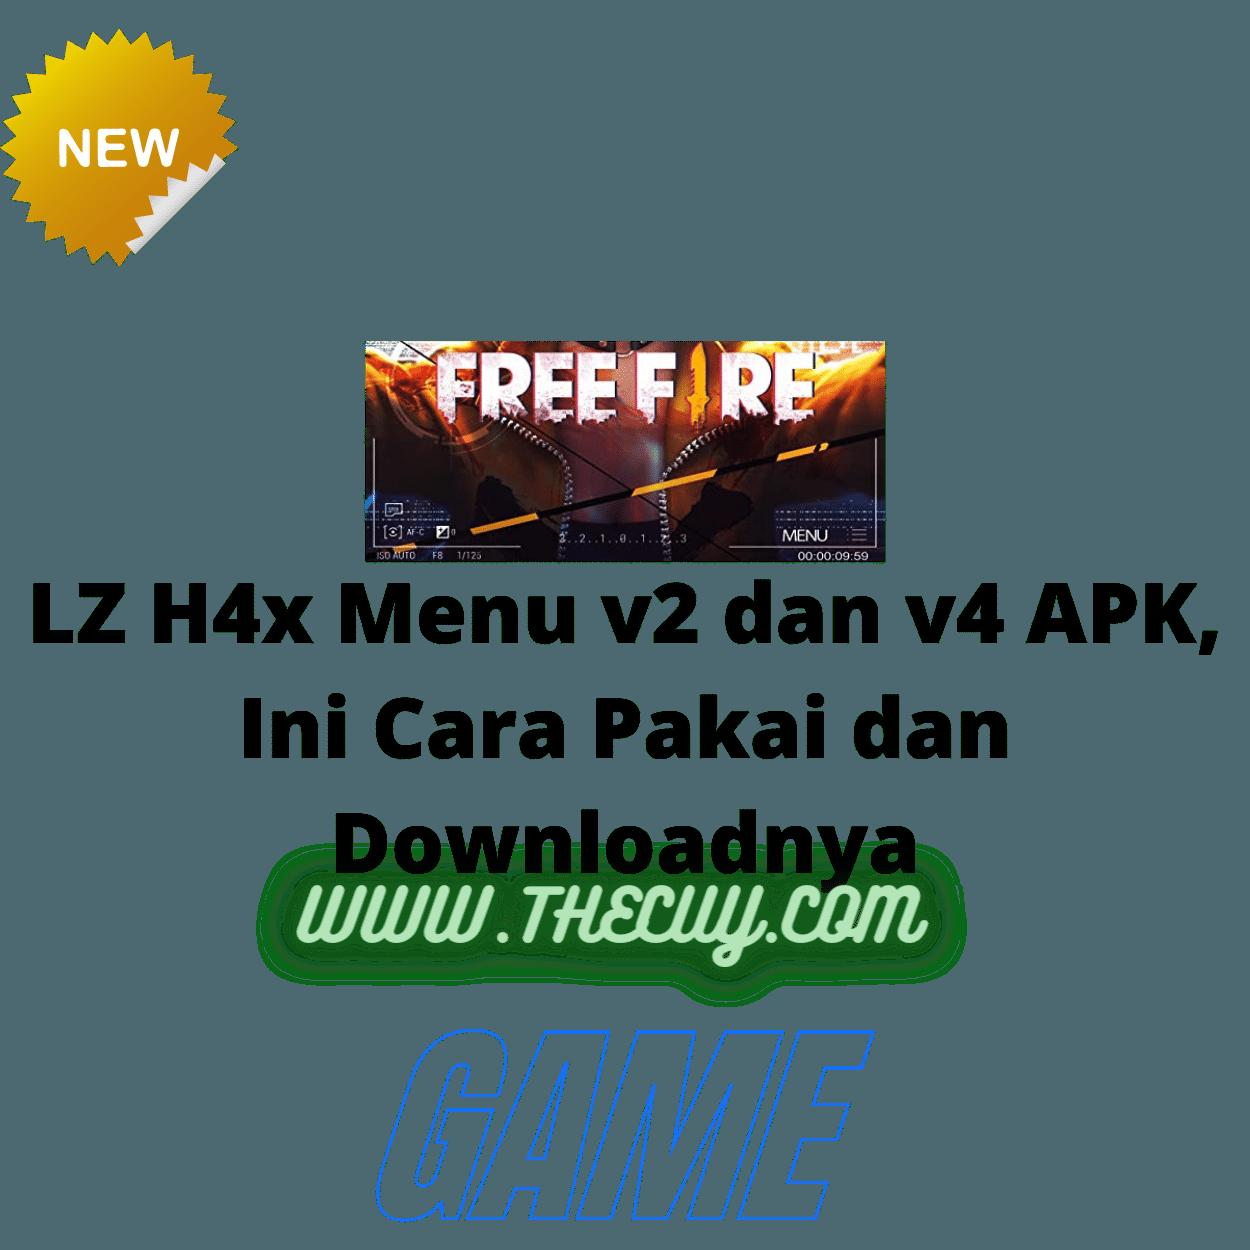 LZ H4x Menu v2 dan v4 APK, Ini Cara Pakai dan Downloadnya